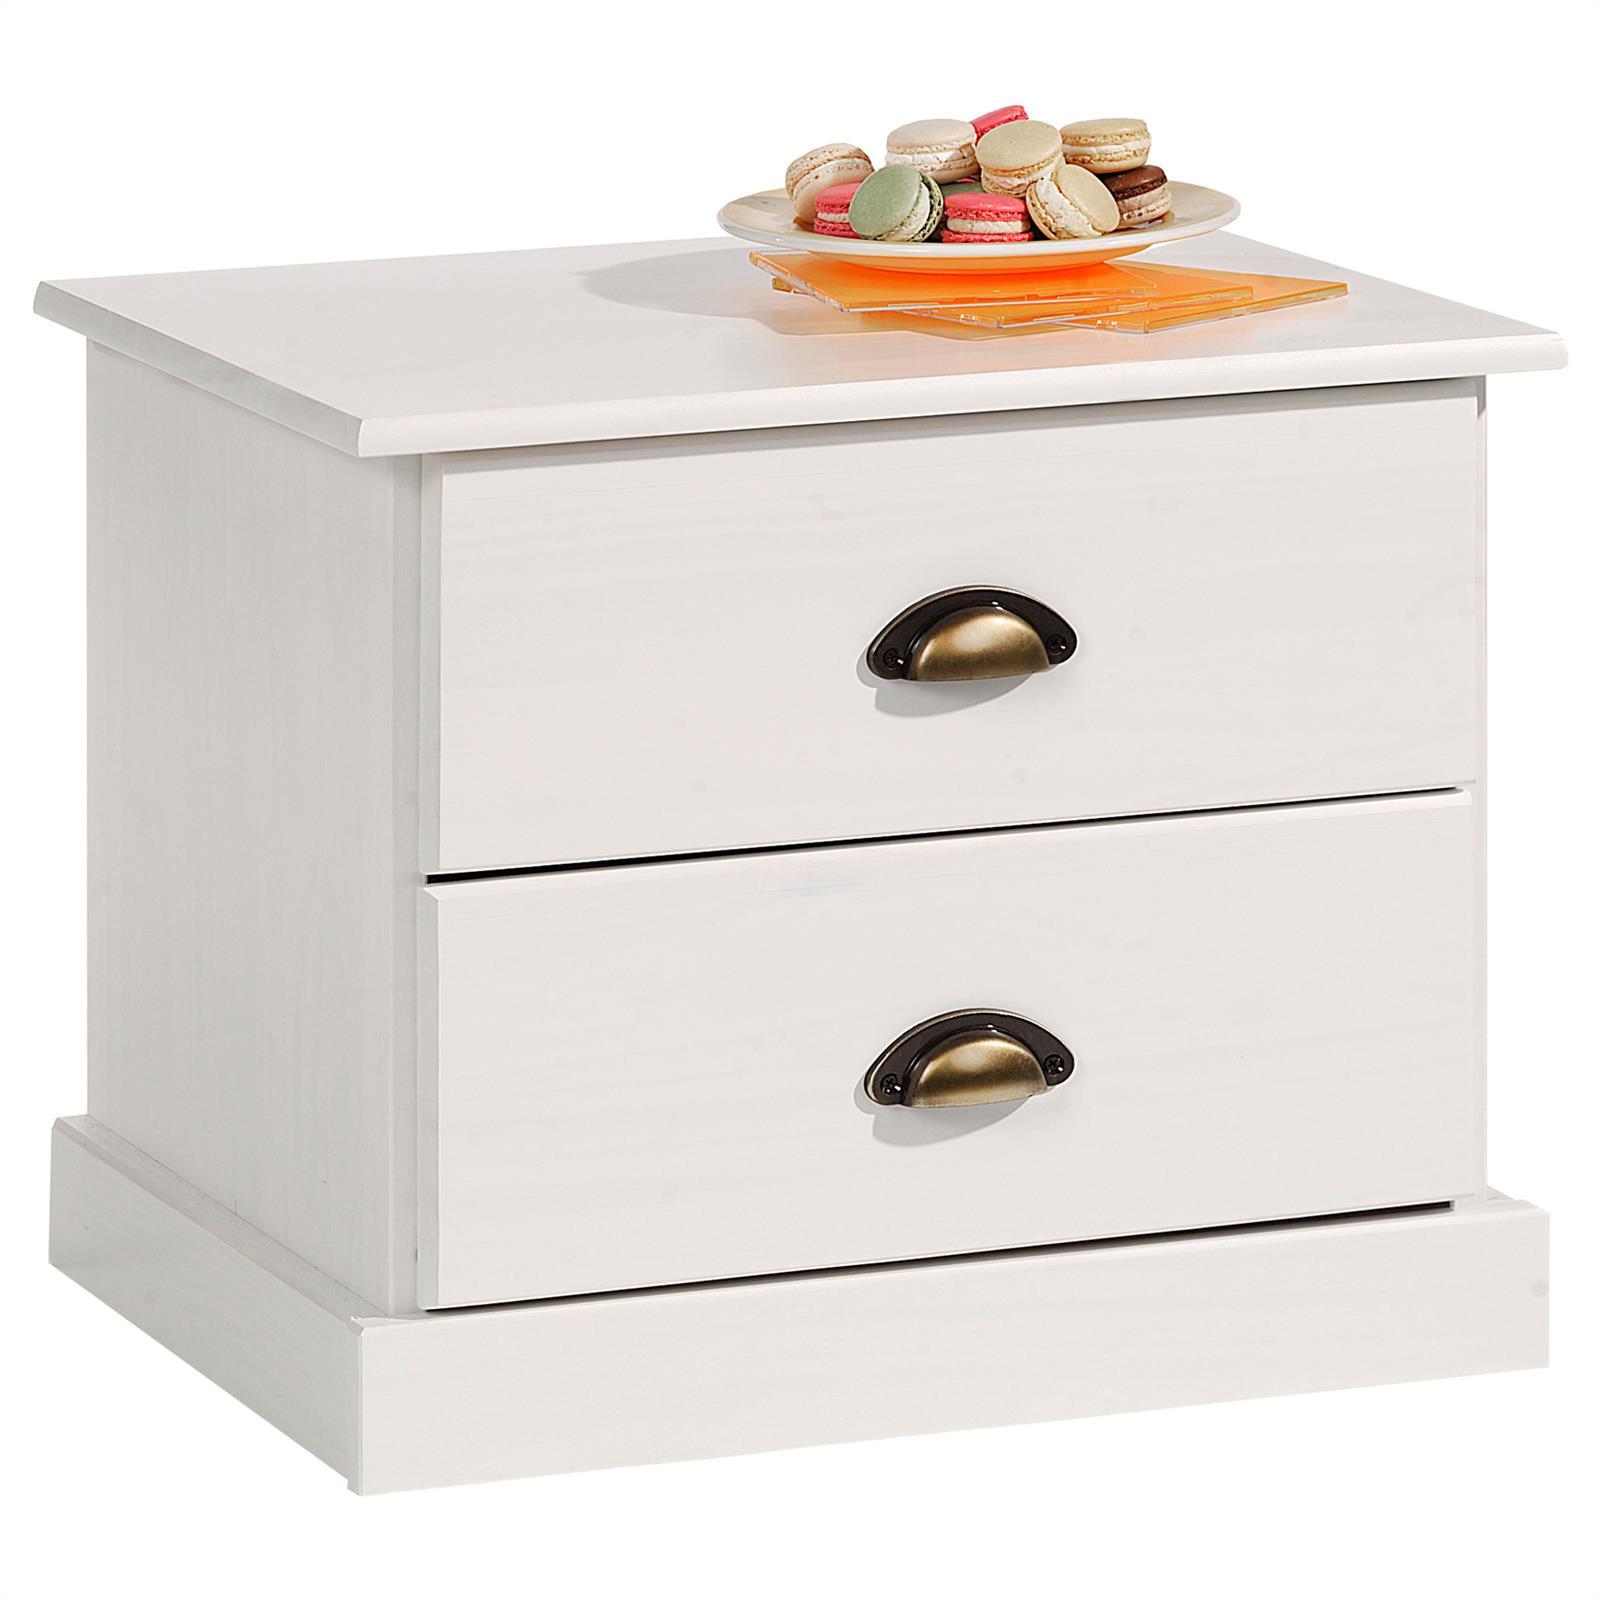 Table de chevet paris en pin massif 2 tiroirs lasur blanc mobil meubles - Table de chevet en pin massif ...